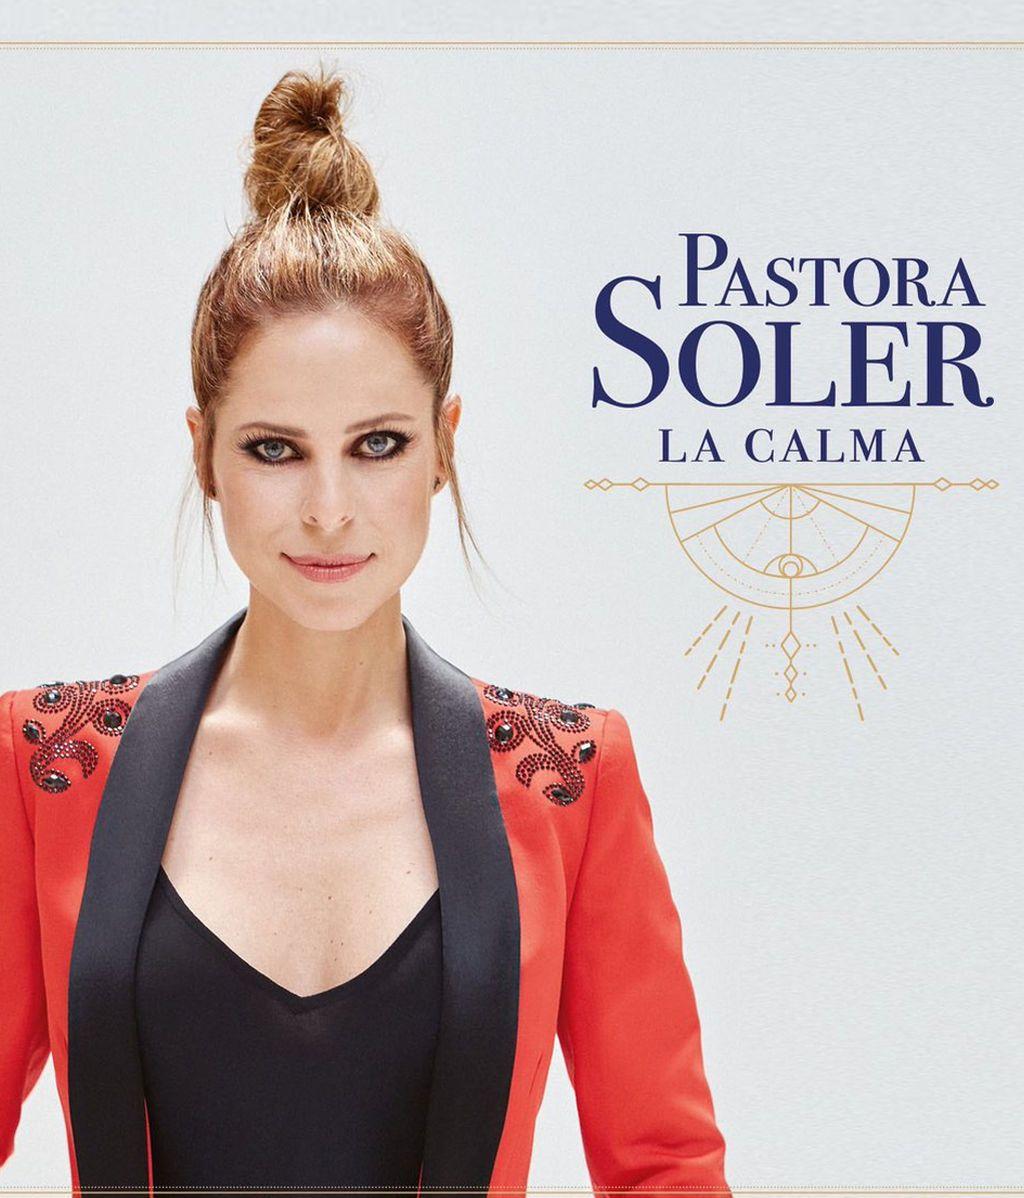 'La Calma' el esperado regreso de Pastora Soler